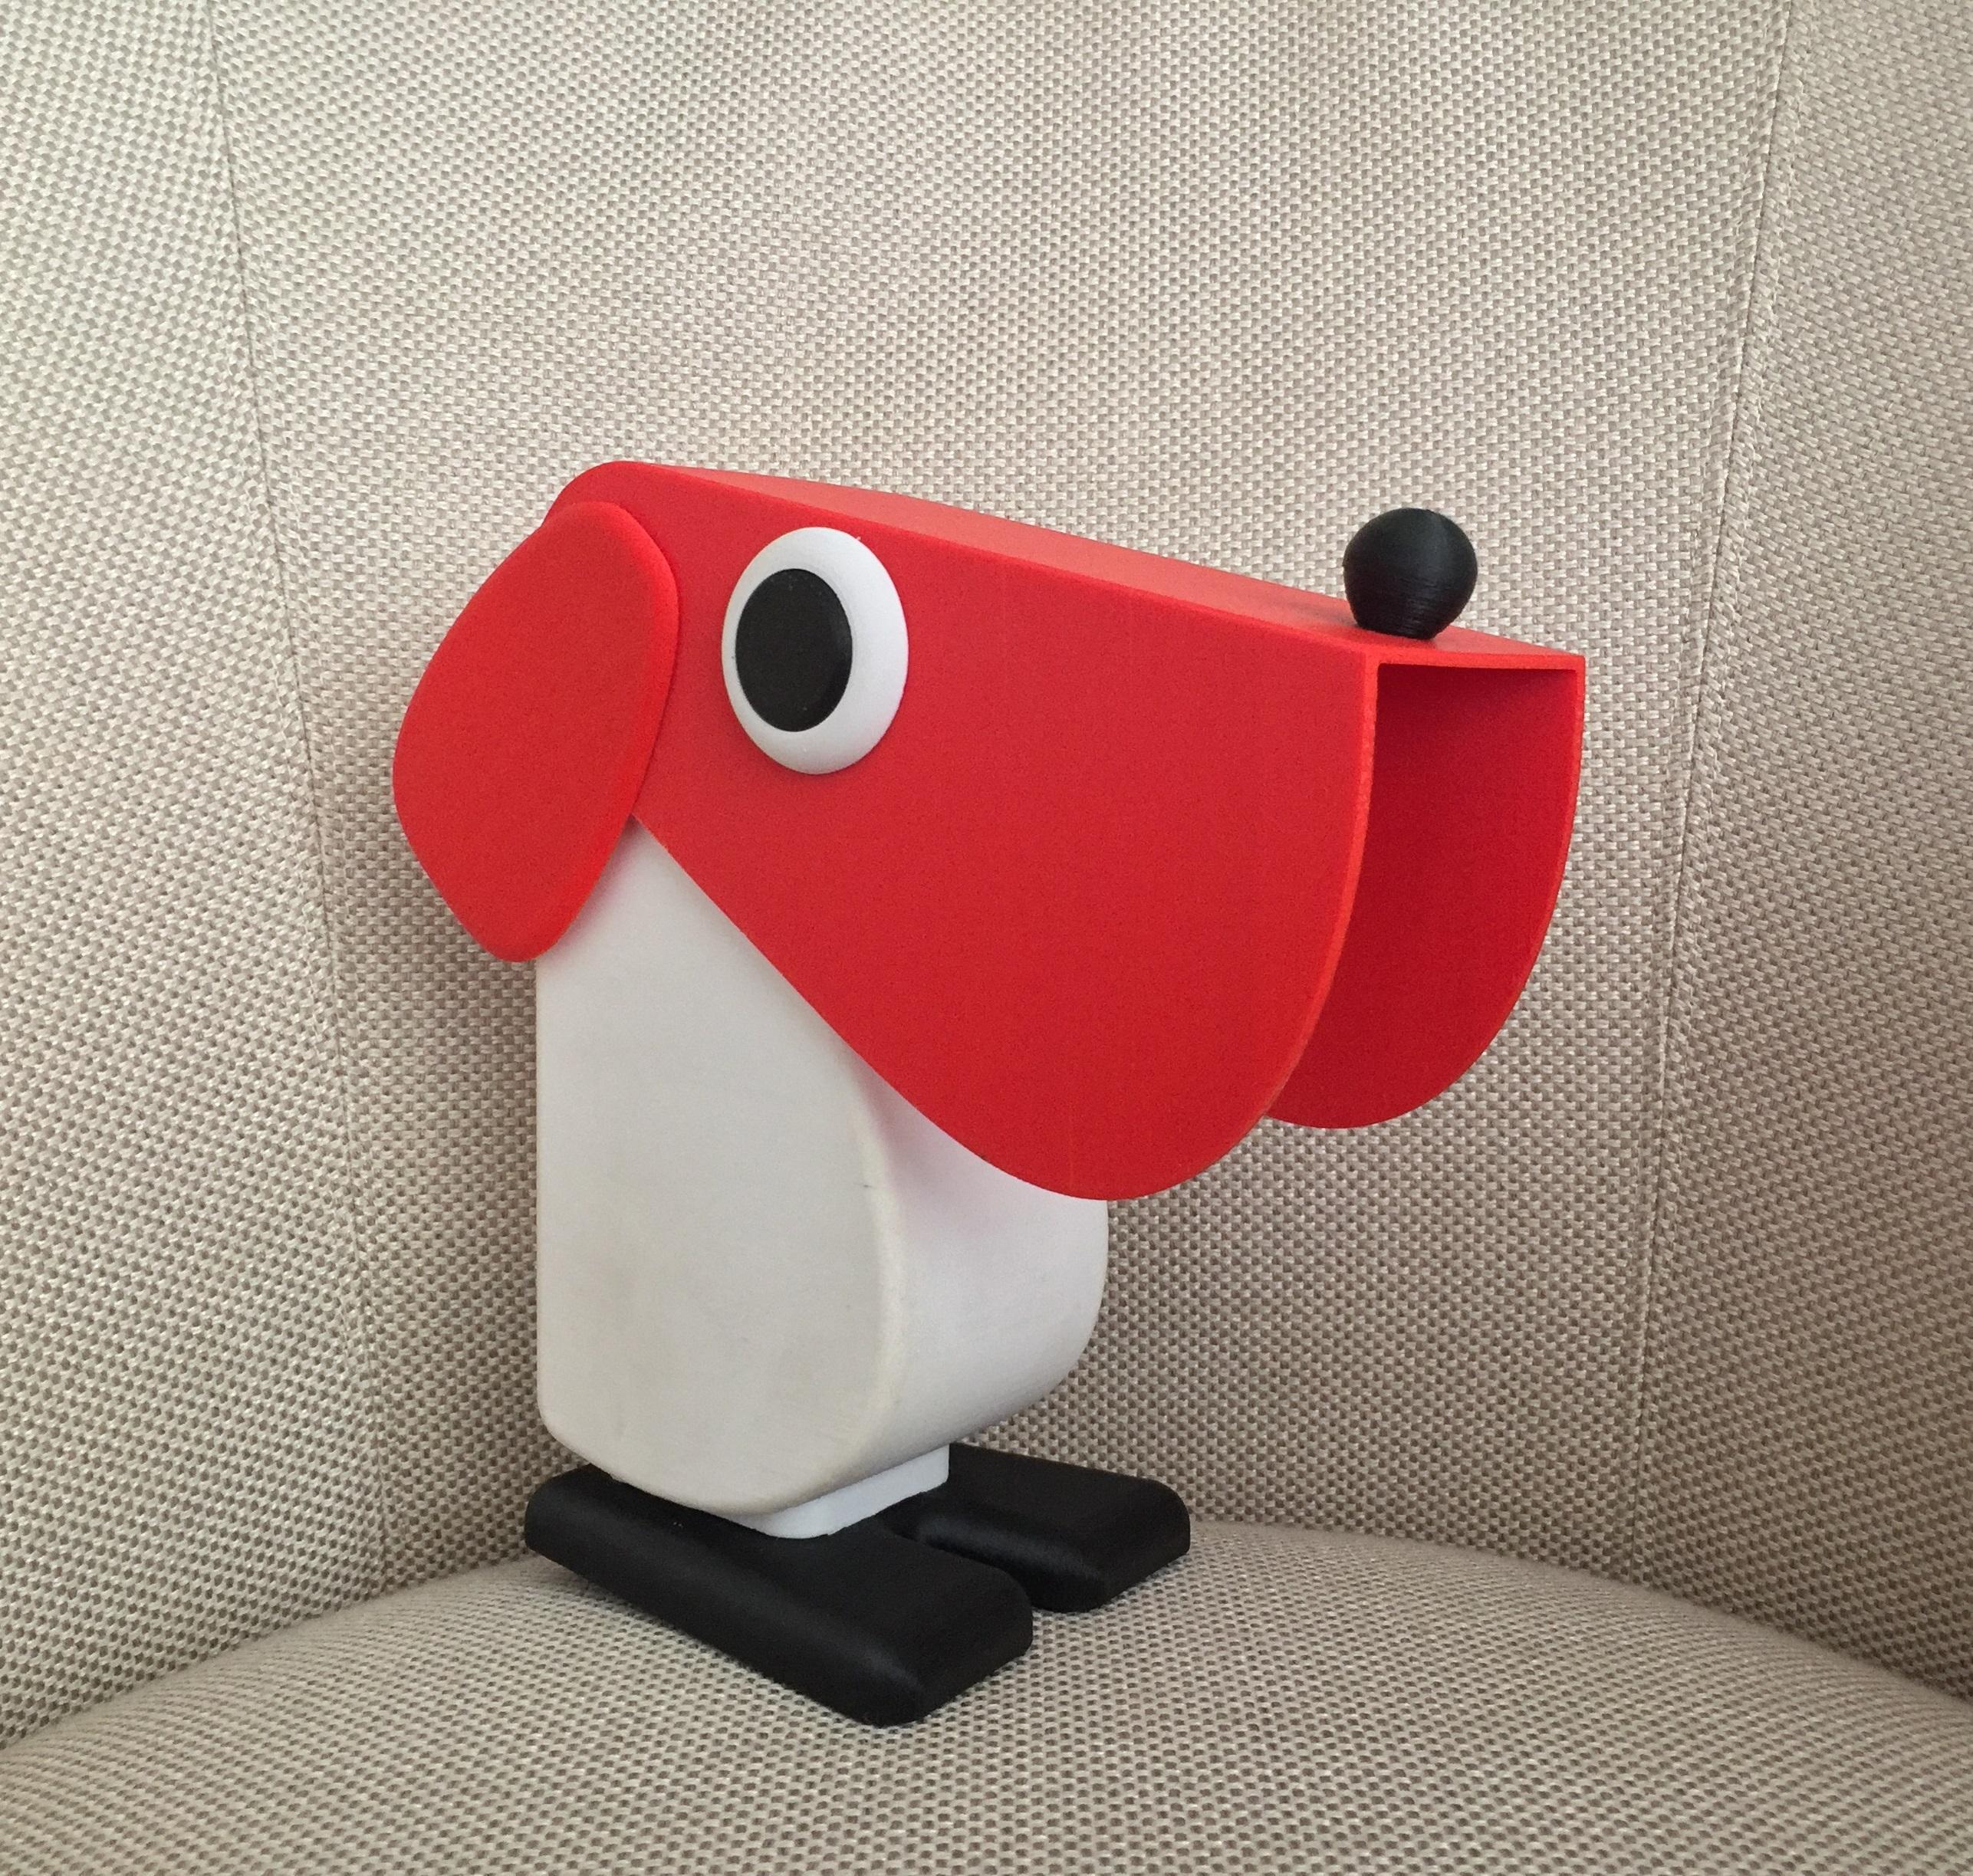 Lampe poser chien fernando cassetta rouge blanc h19 5cm l18cm camtecs engineering - Douille pour lampe a poser ...